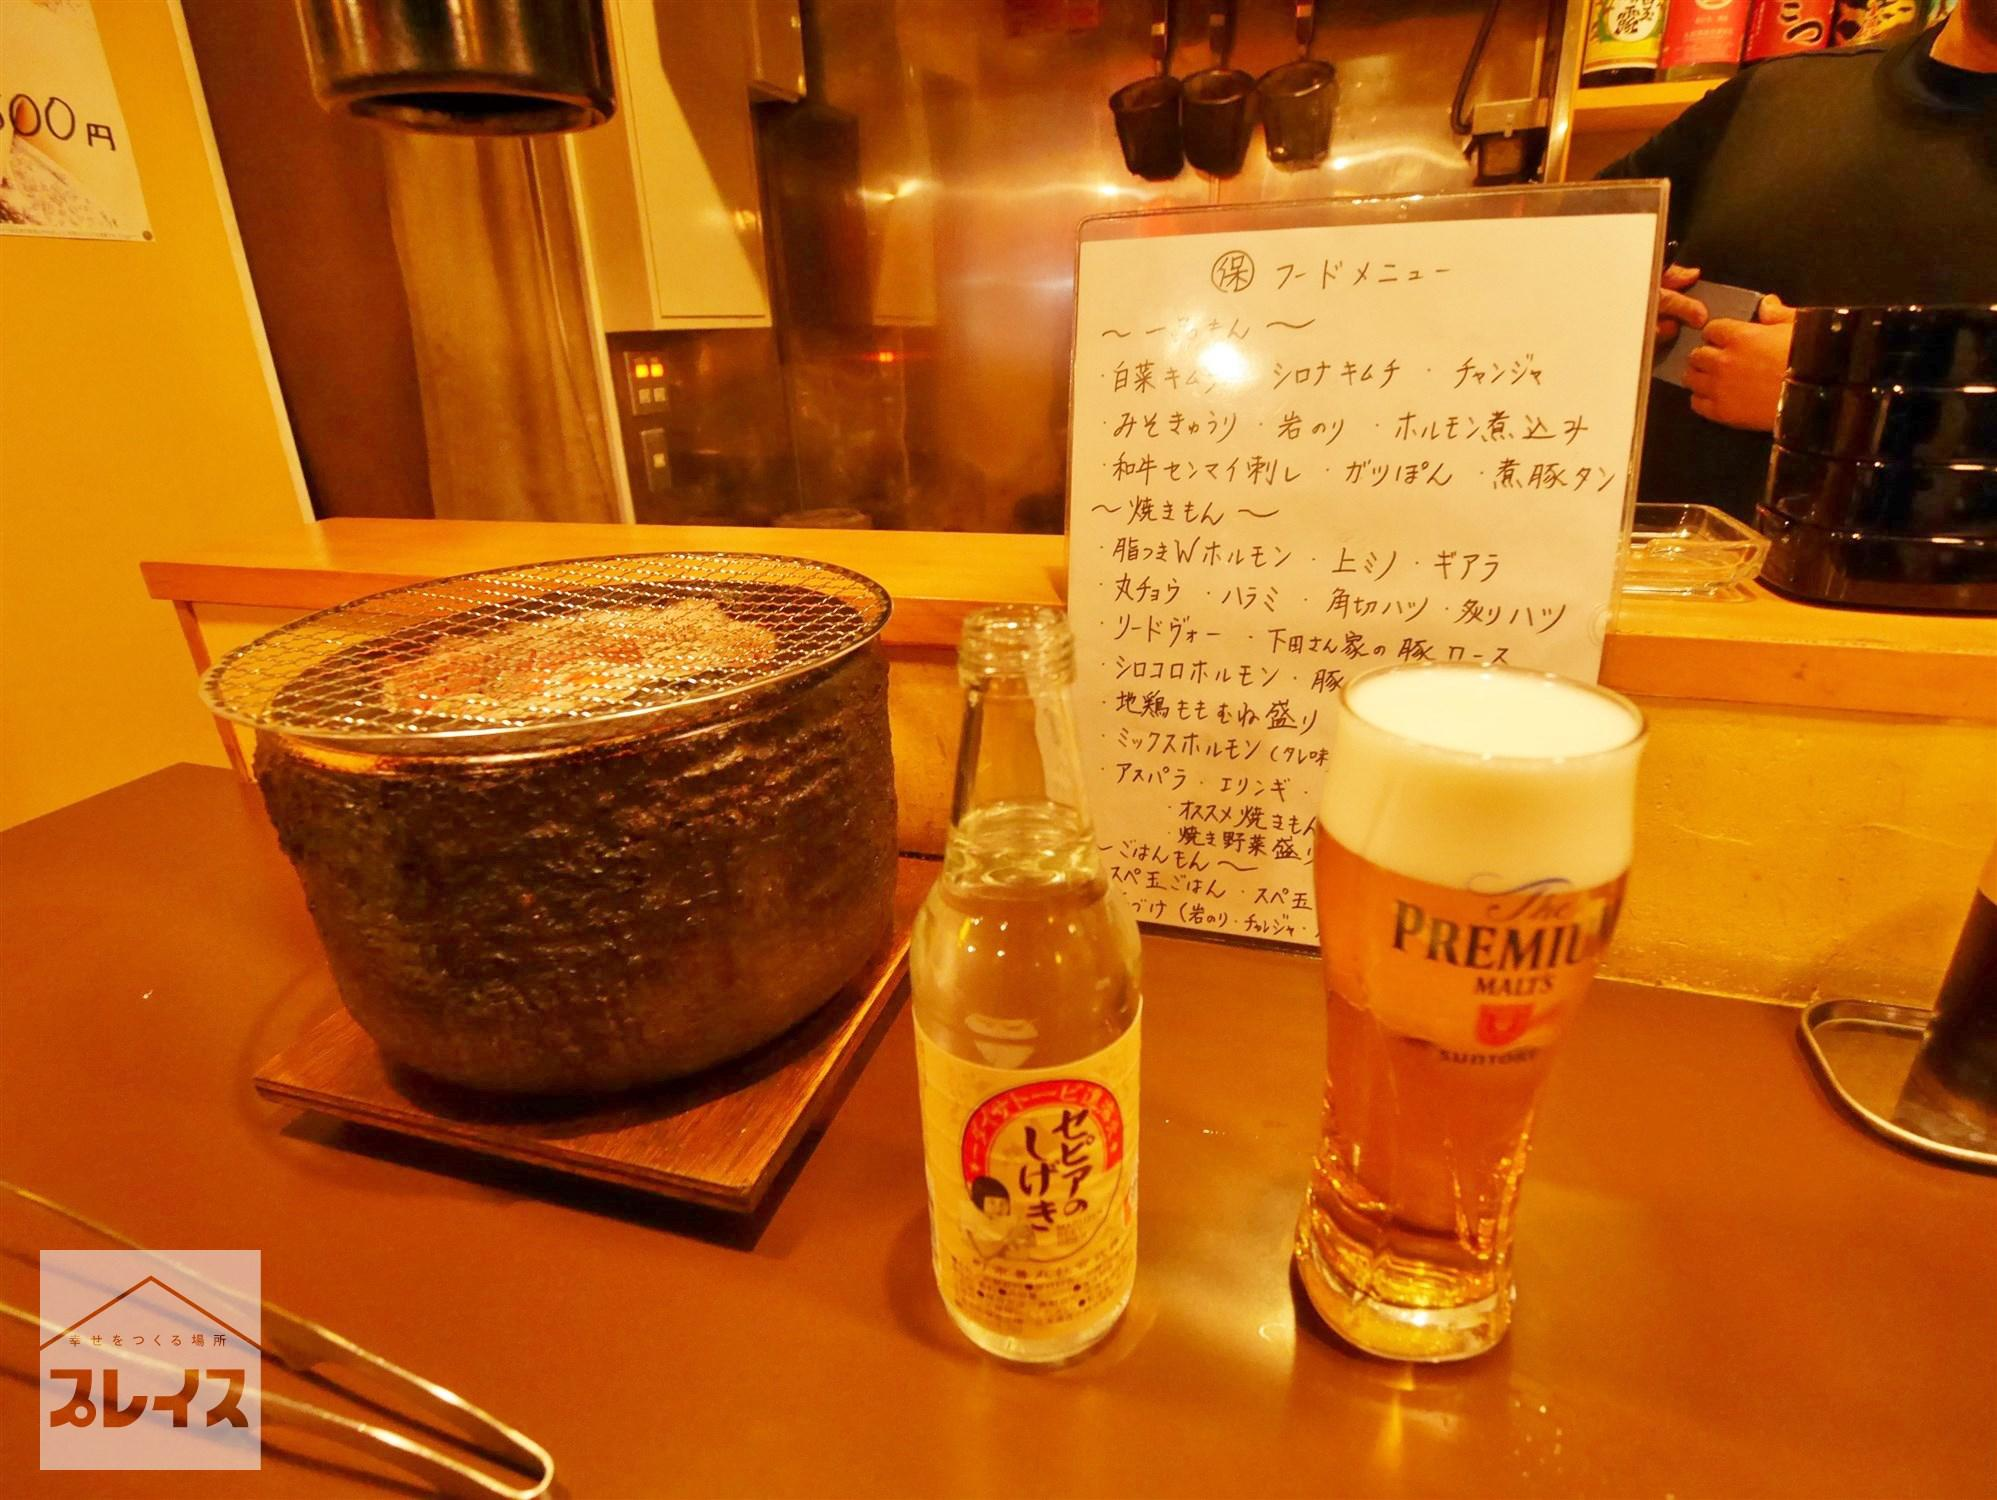 P20170227-武蔵野市-マル保/ホルモン焼き (9)七輪とビール.jpg